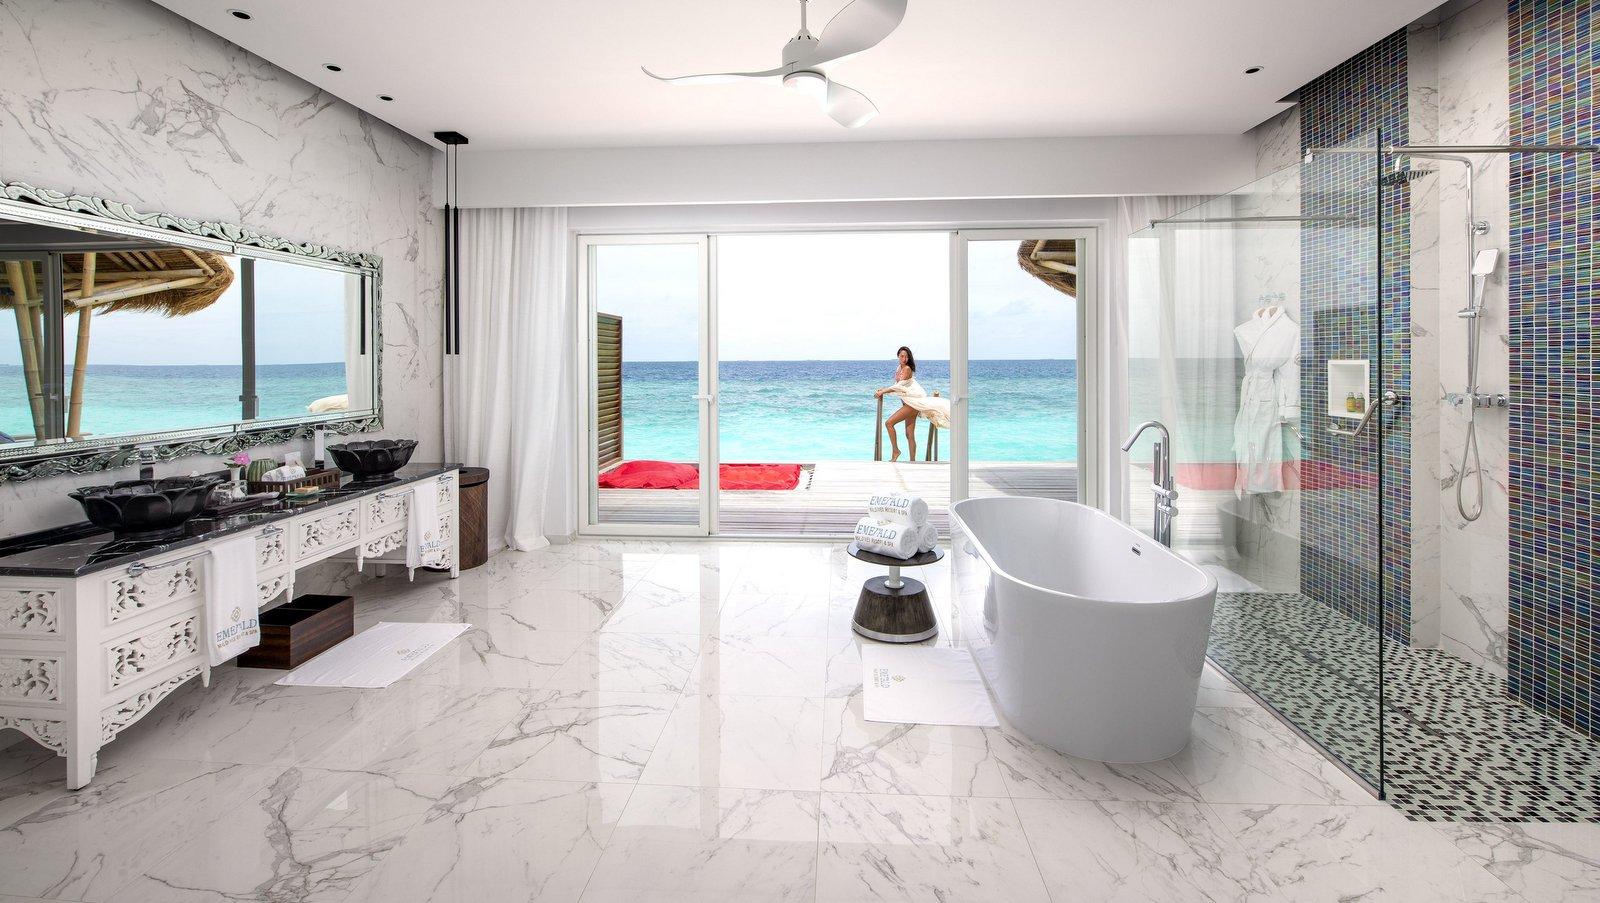 Мальдивы, отель Emerald Maldives Resort & Spa, номер Water Villa